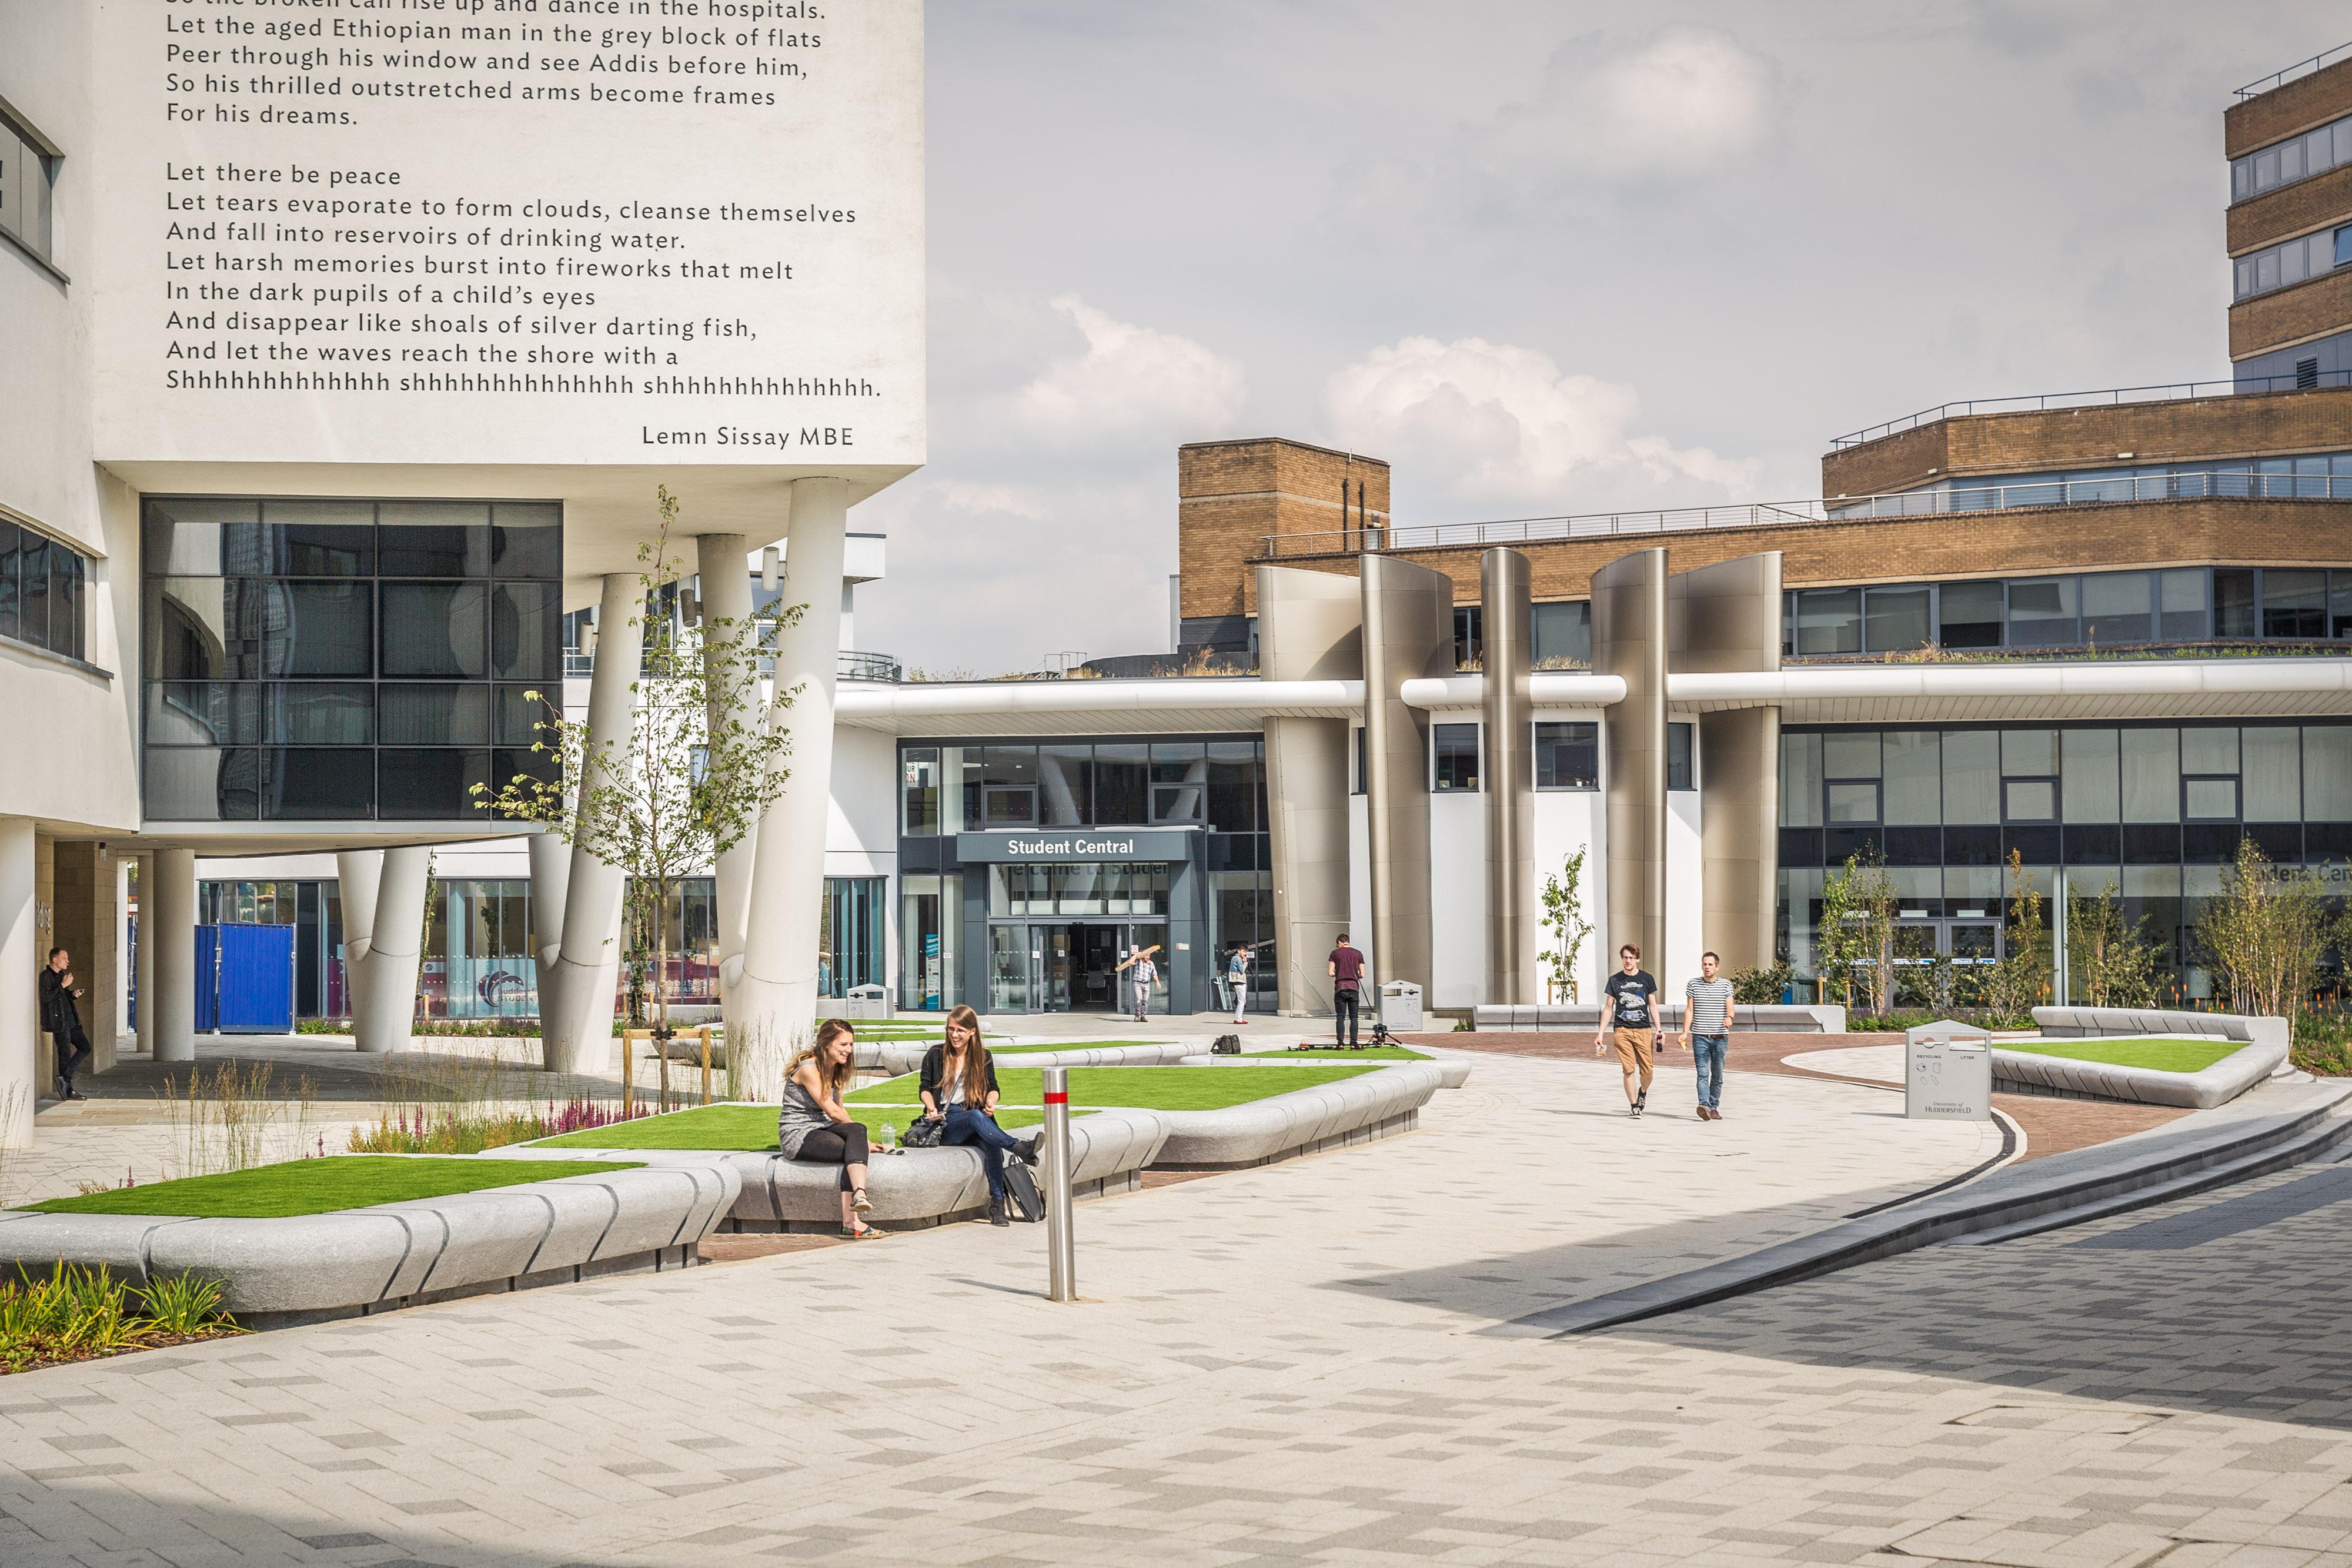 University of Huddersfield landscape